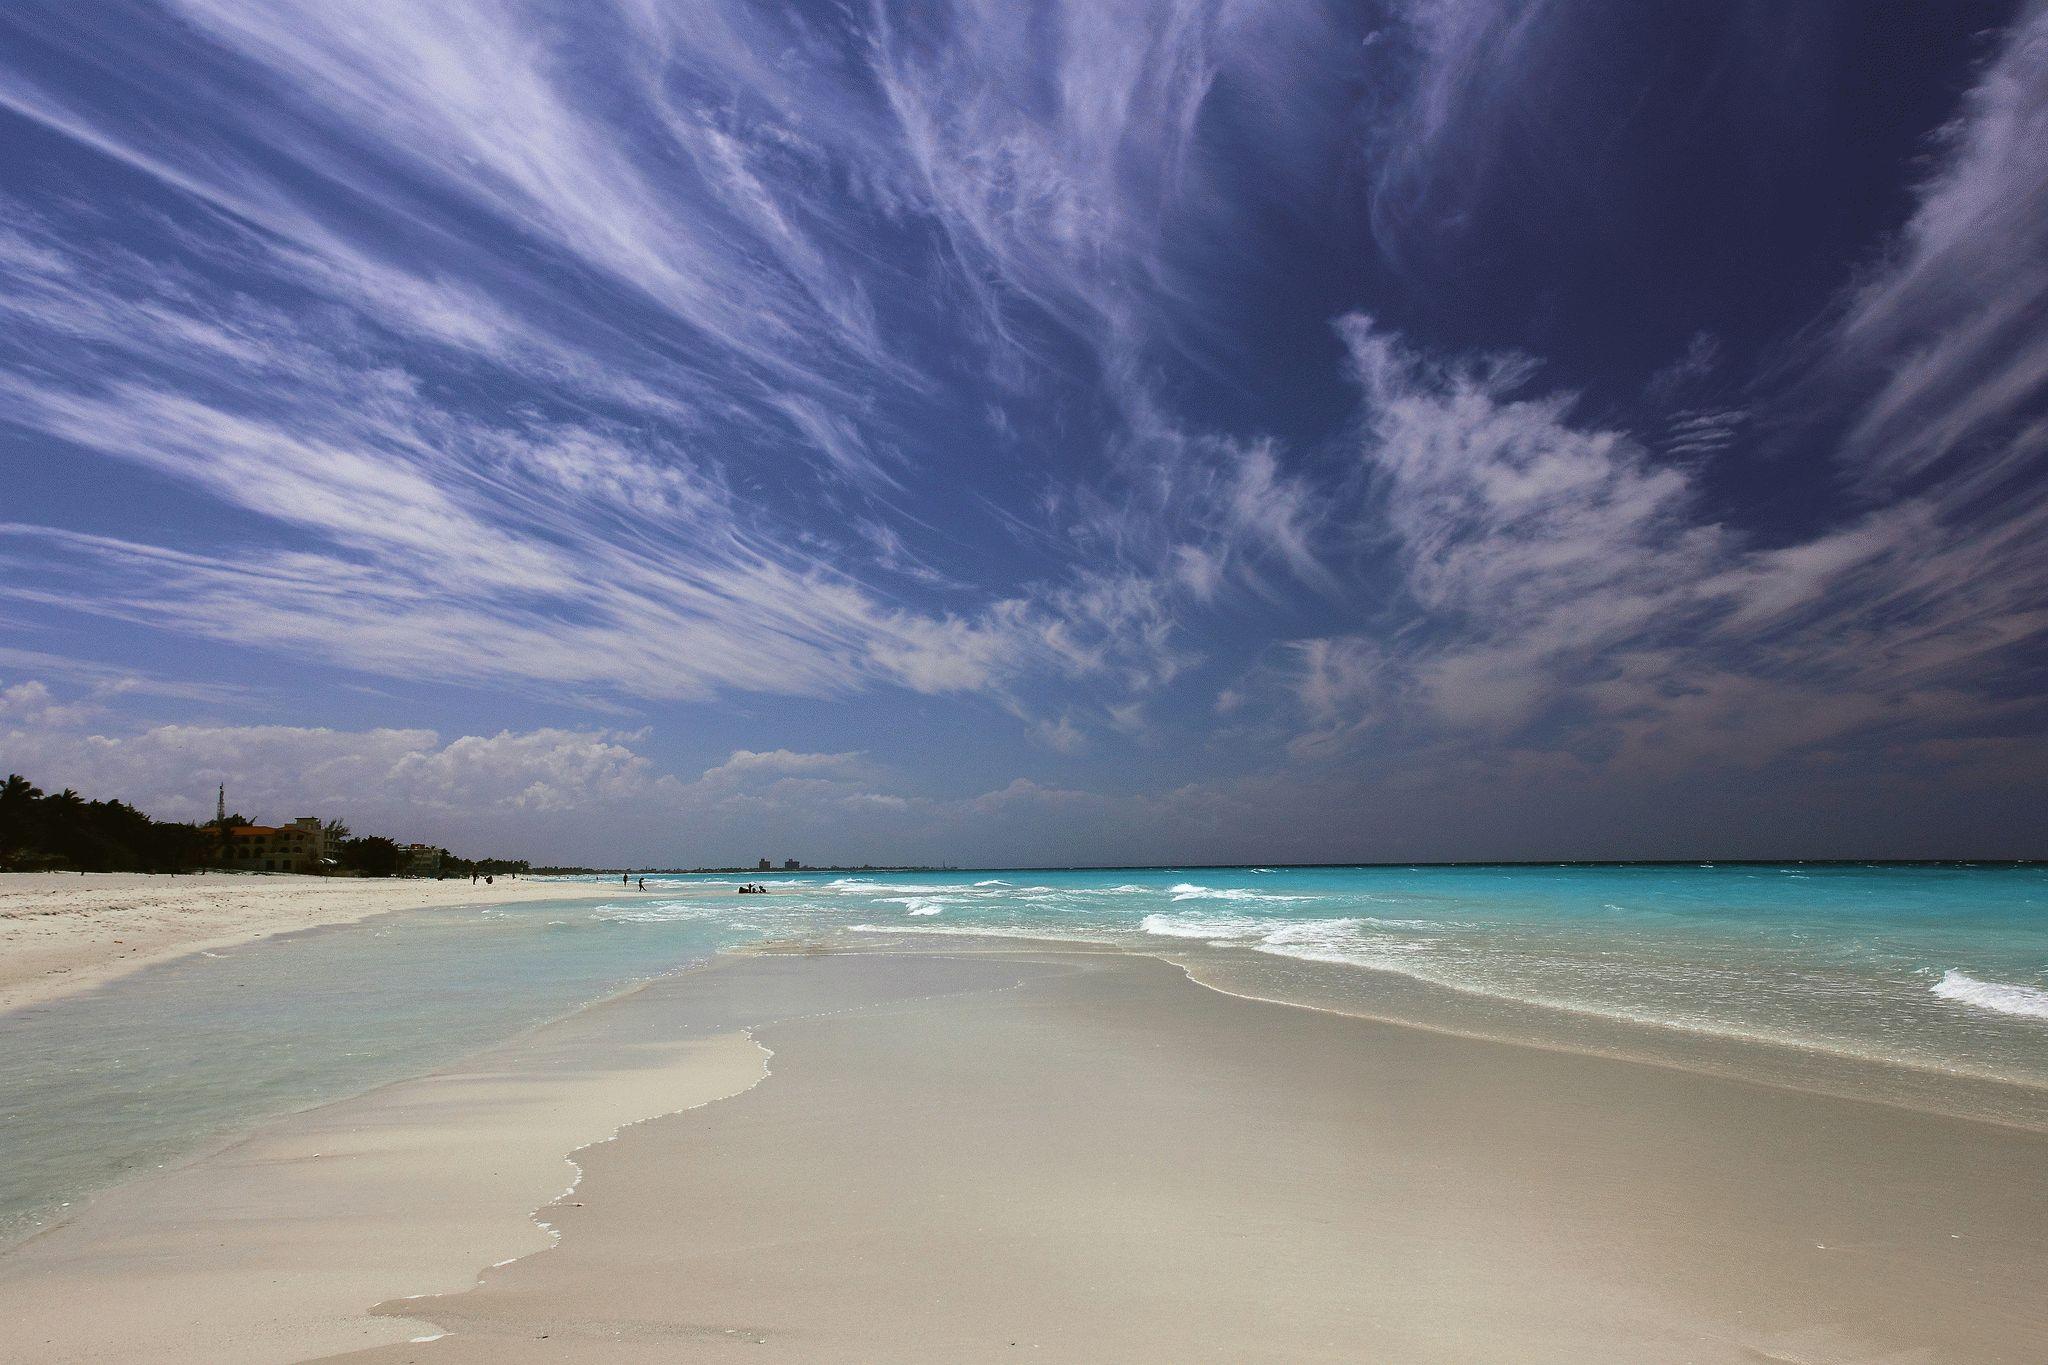 все фото морского побережья кубы обусловлено технологическими особенностями